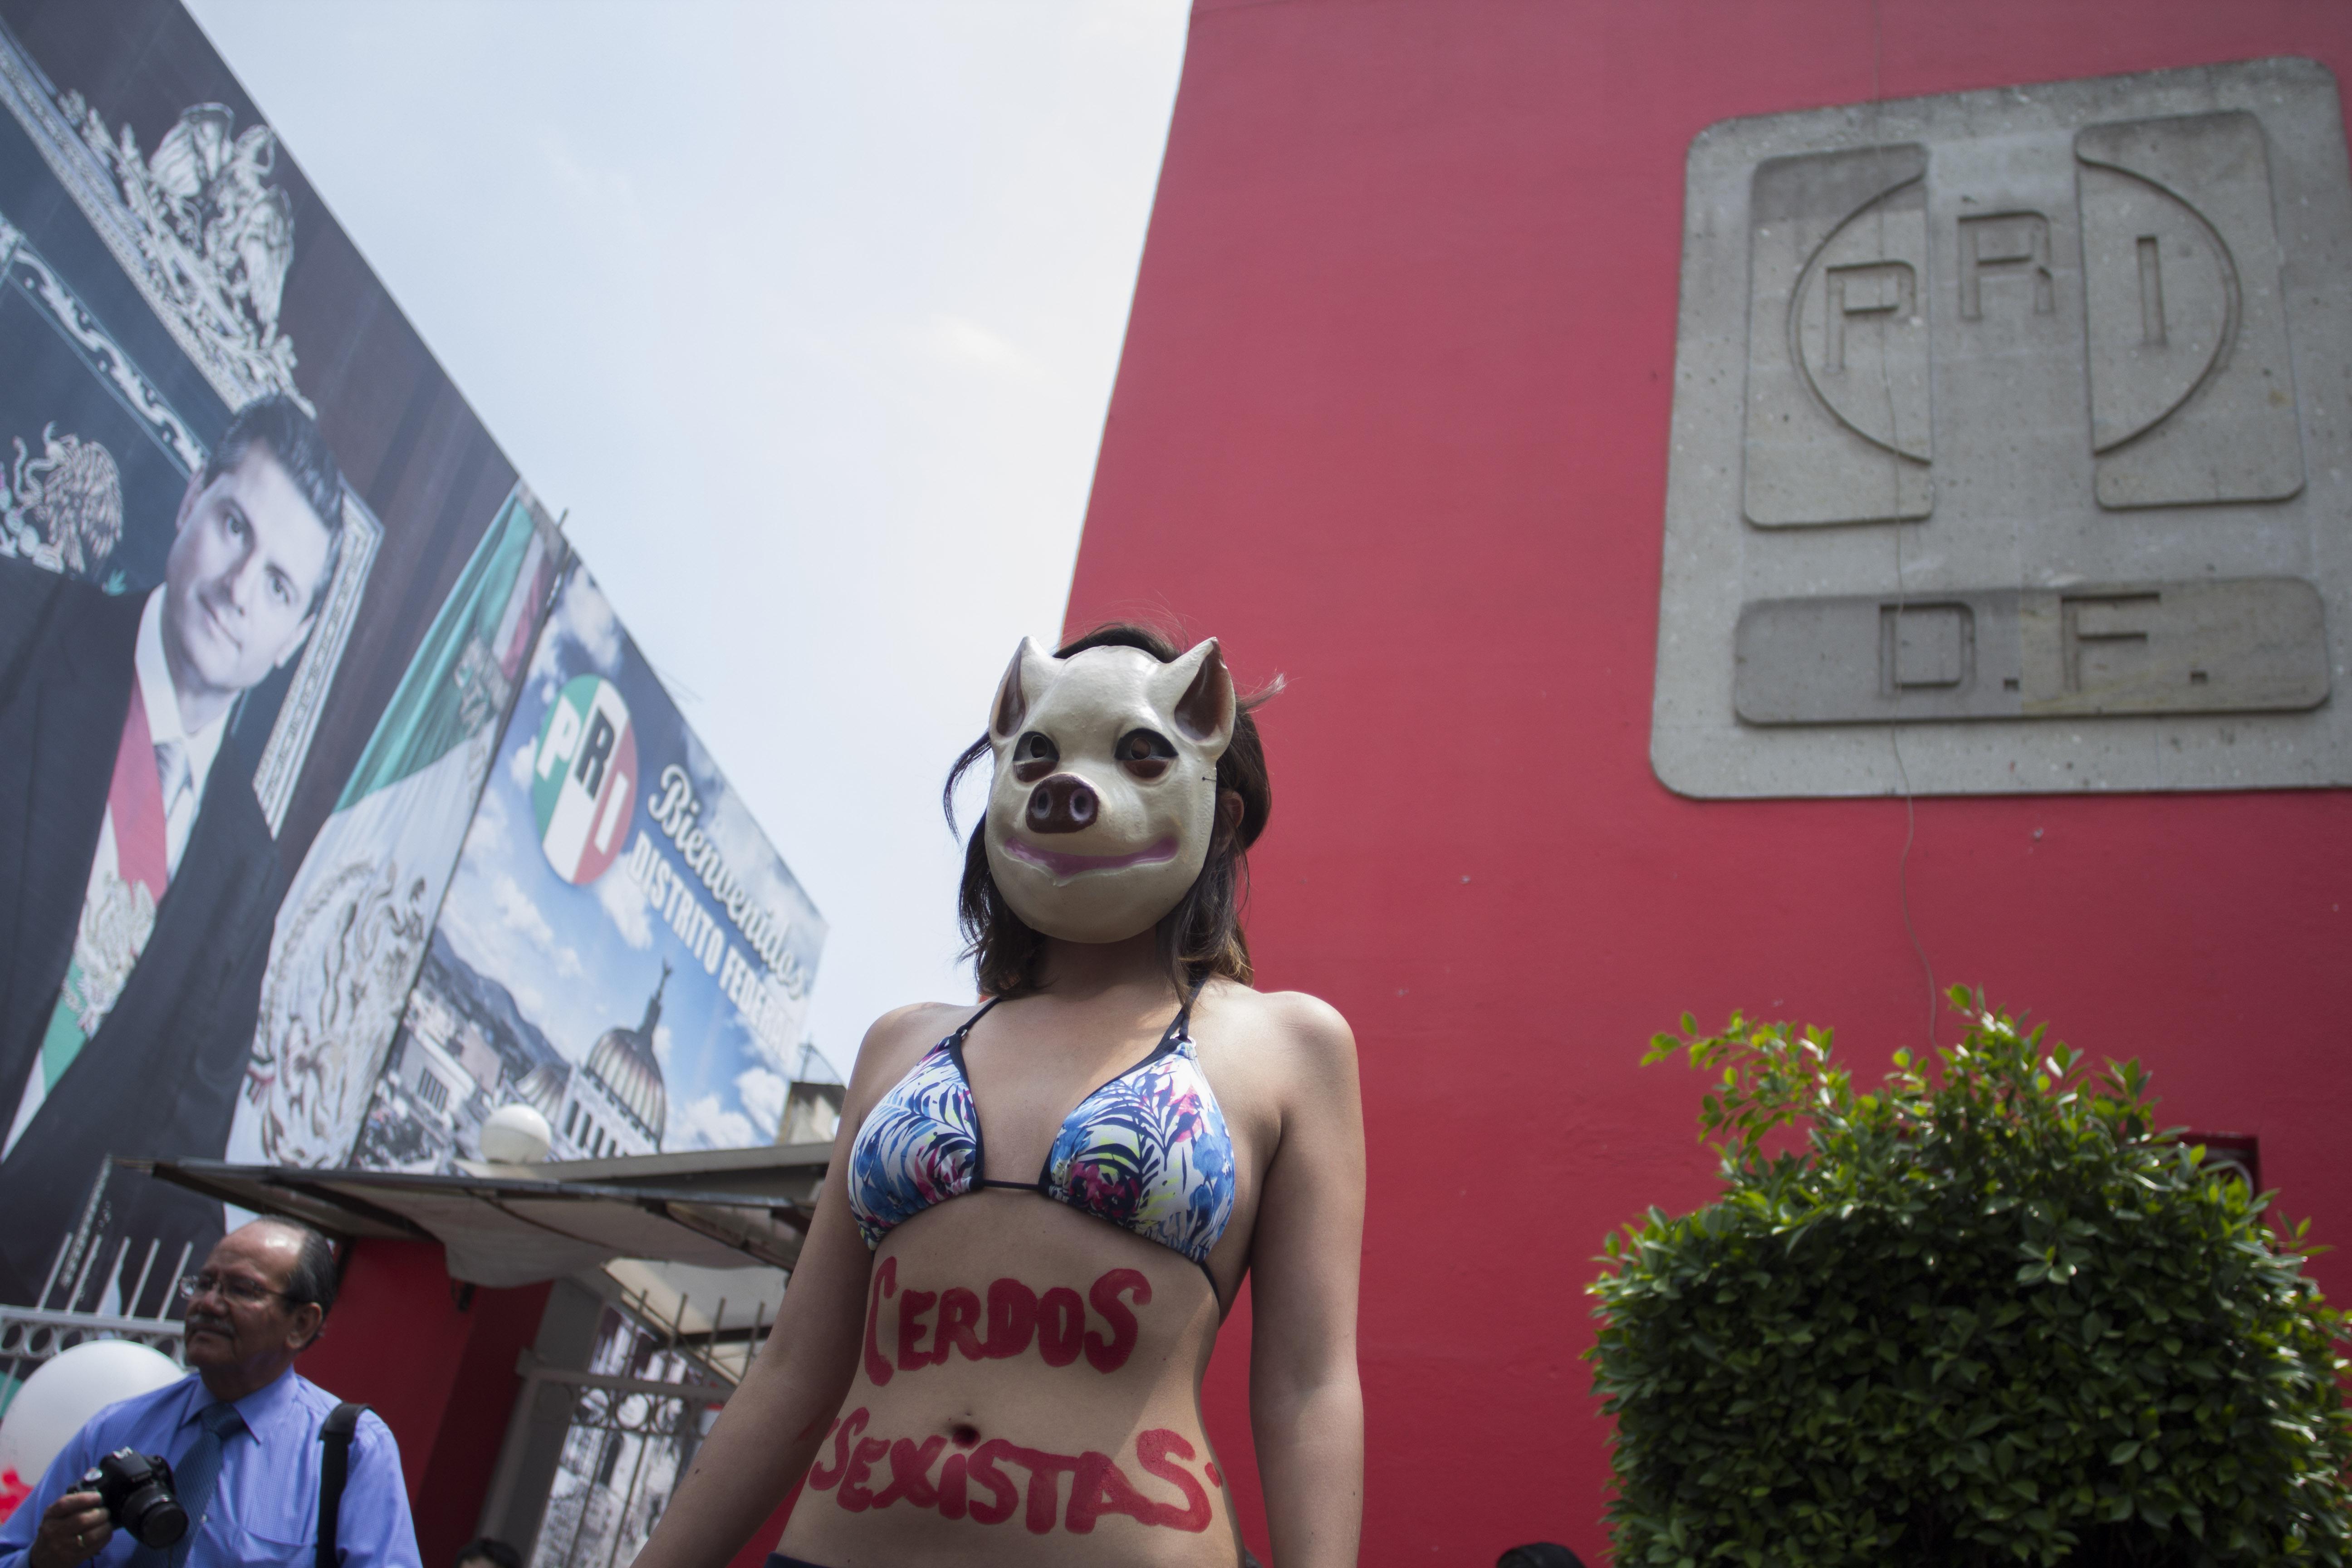 MÉXICO, D.F., 03ABRIL2014.- Un grupo de jóvenes, se manifestaron en el edificio del Partido Revolucionario Institucional en el D.F. ante la red de prostitución que dio a conocer Carmen Aristegui en su noticiero sobre Cuauhtémoc Gutiérrez de la Torre, dirigente del PRI-DF.